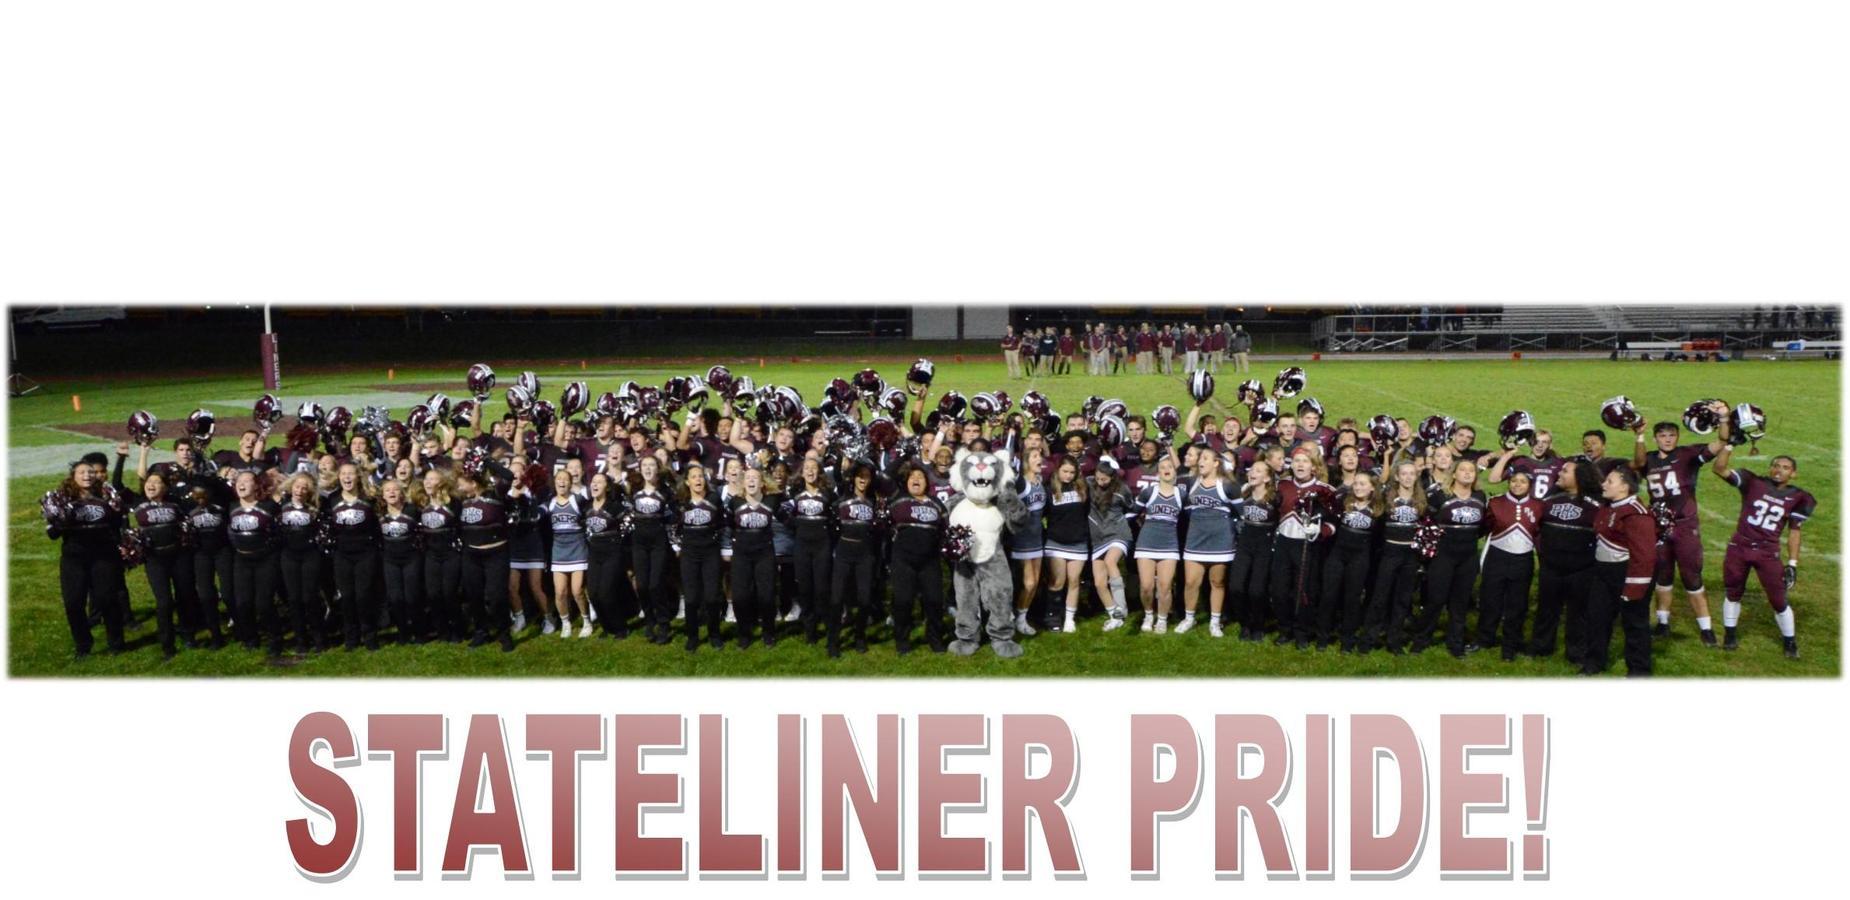 Stateliner Pride